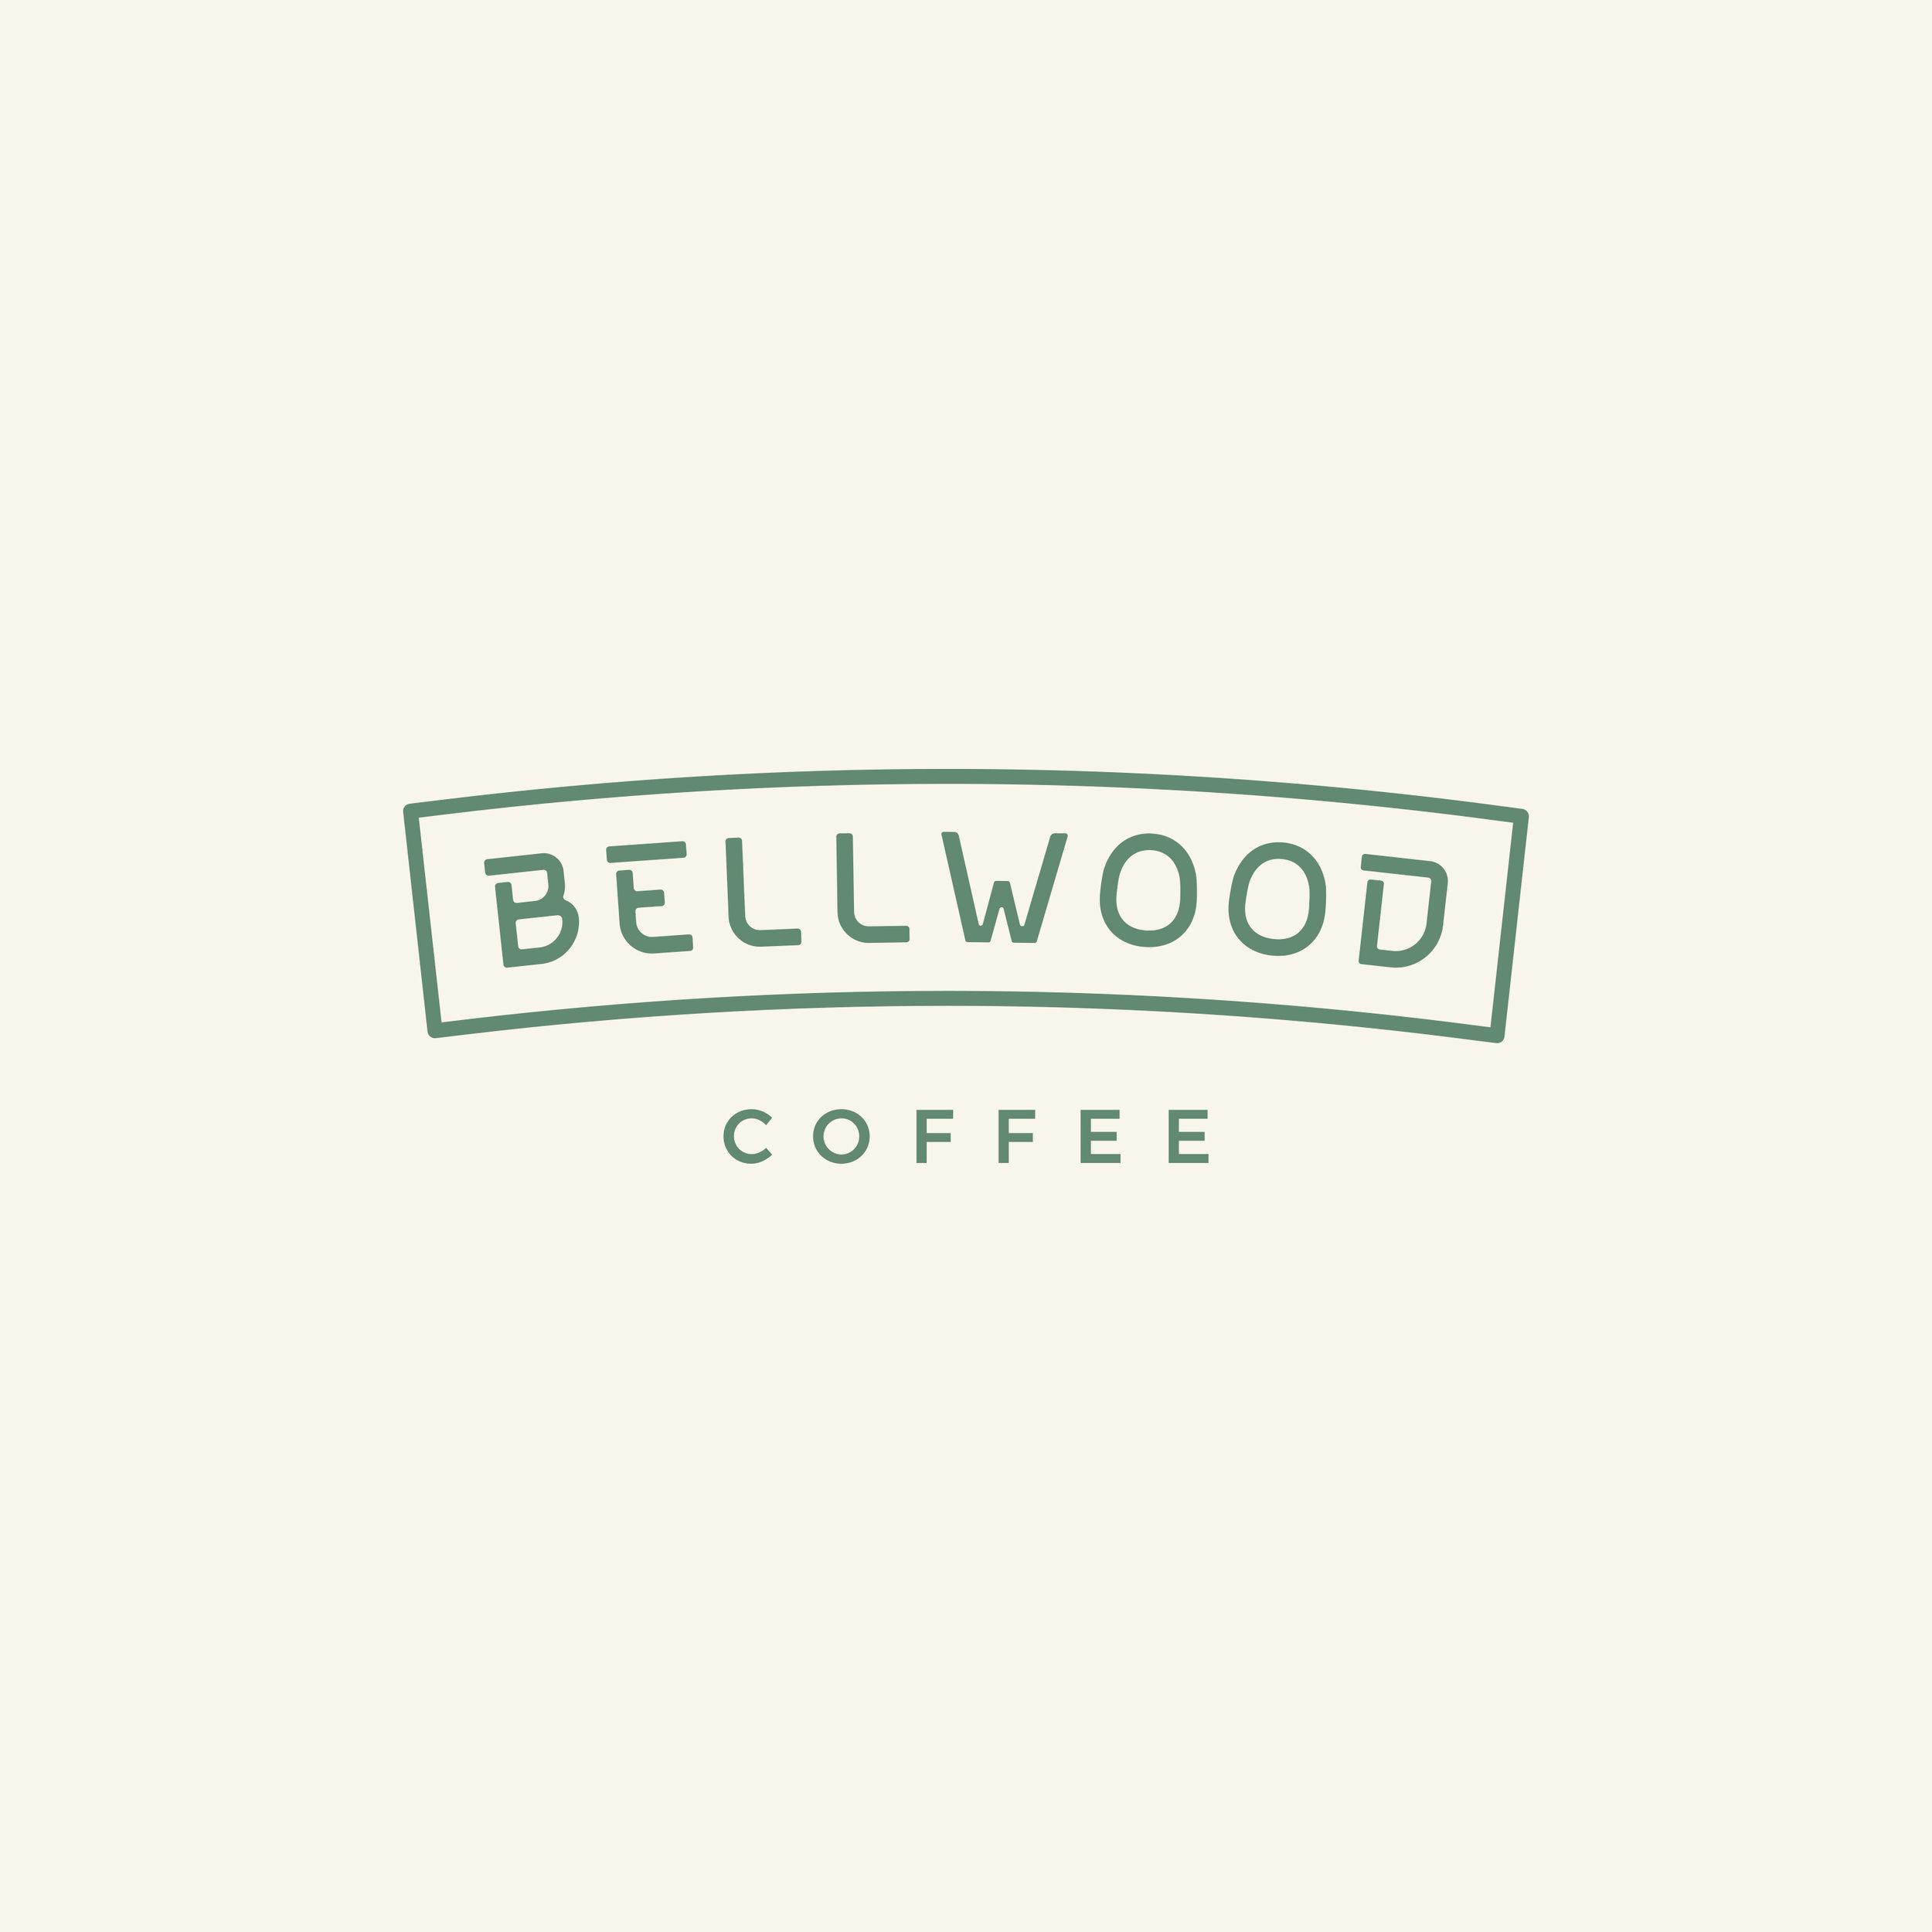 bellwoodsocial_2.jpg